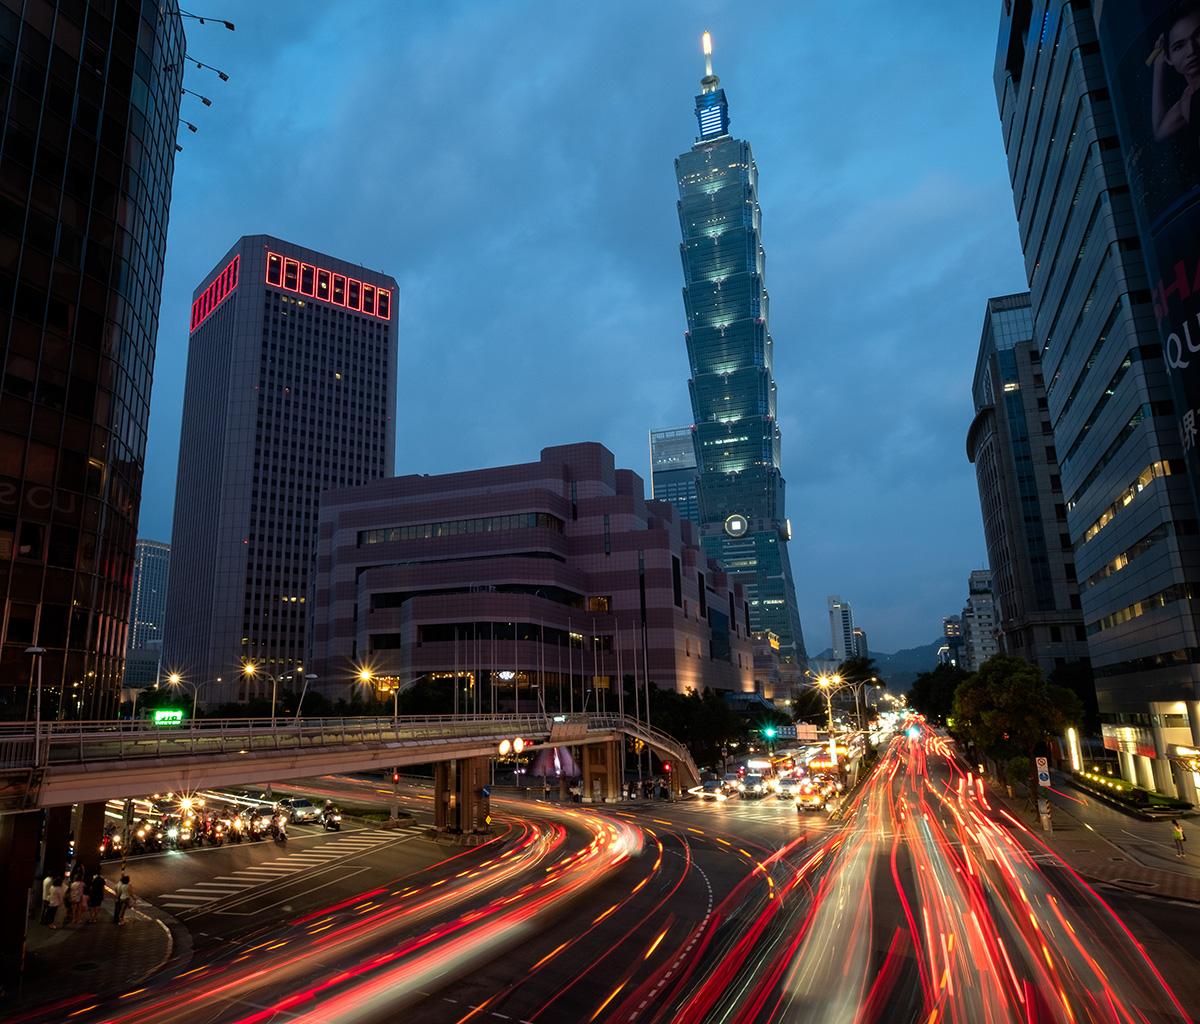 Circulation de nuit à côté de la tour Taipei 101.